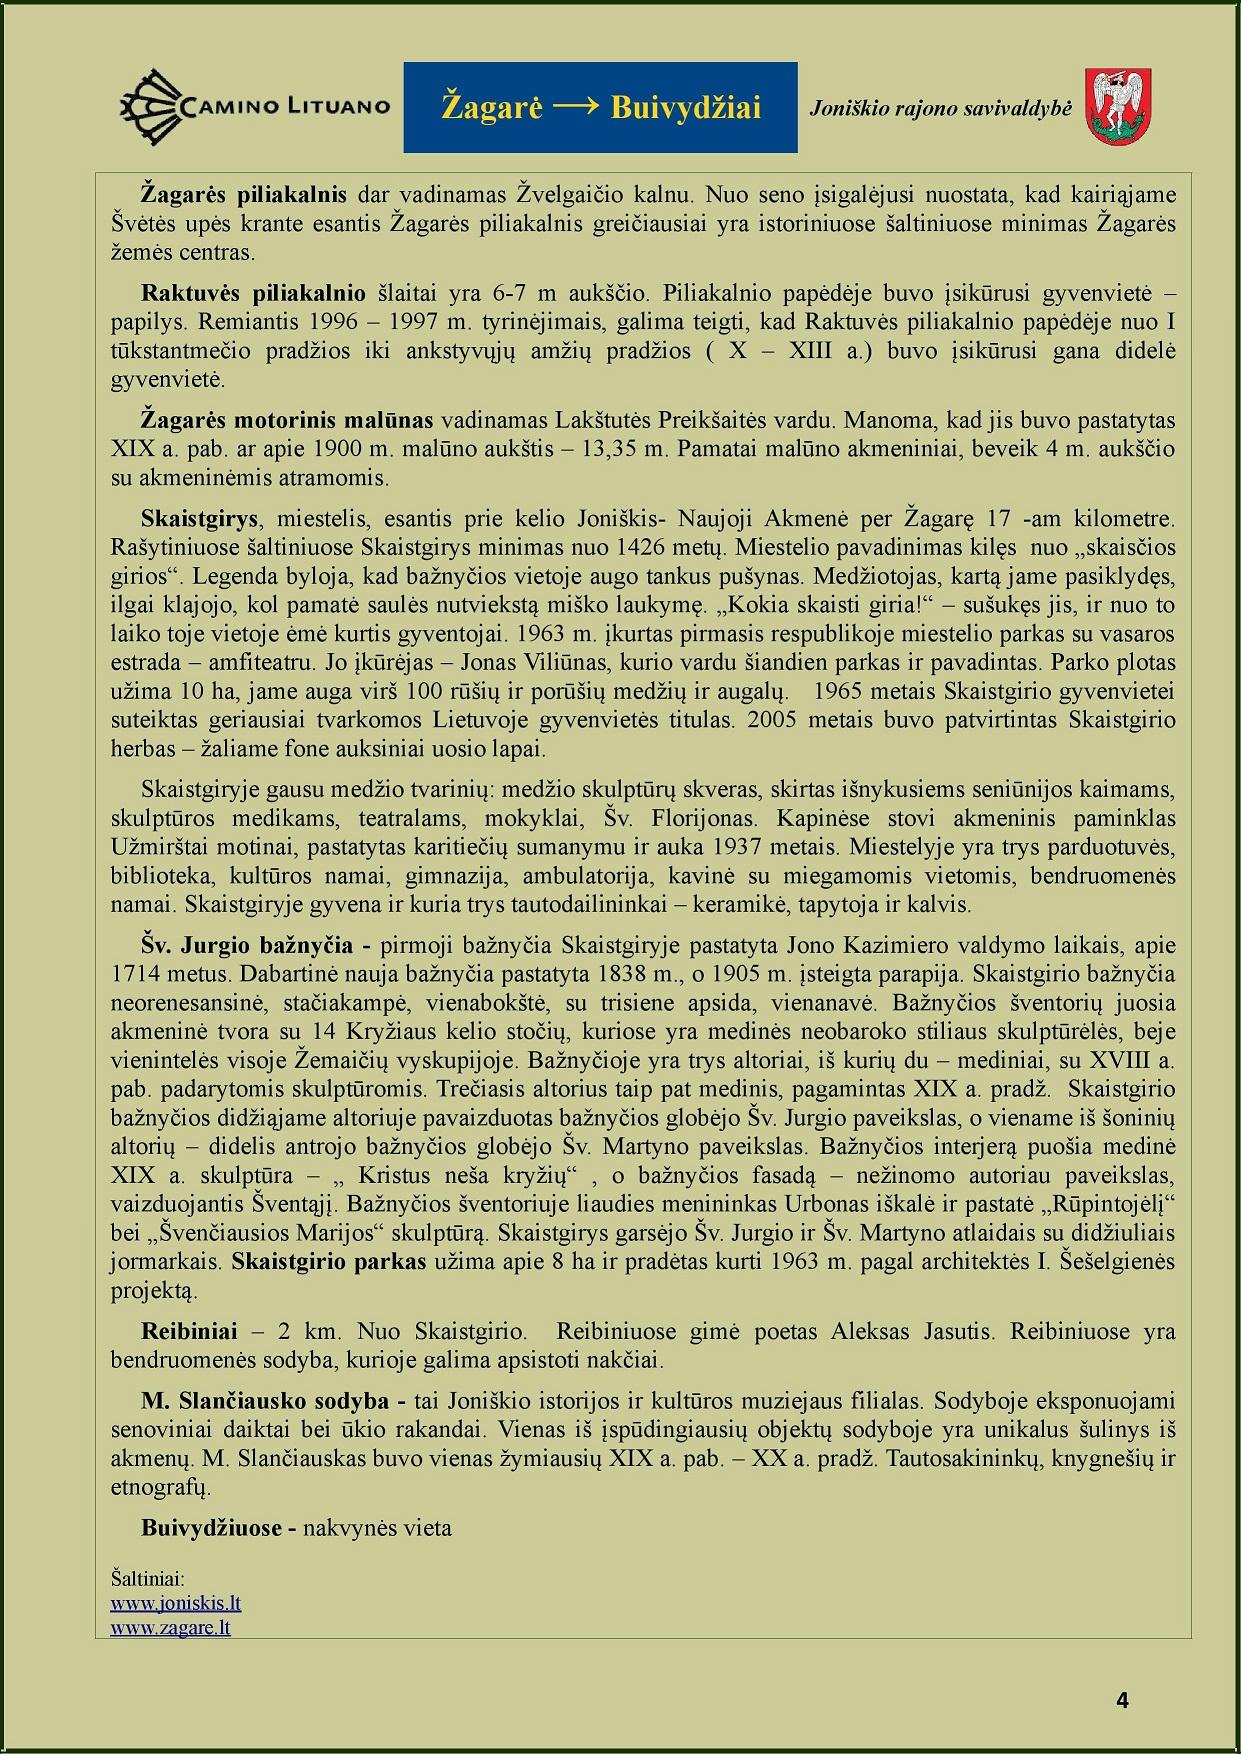 Zagare-Buivydziai-GIDAS_4